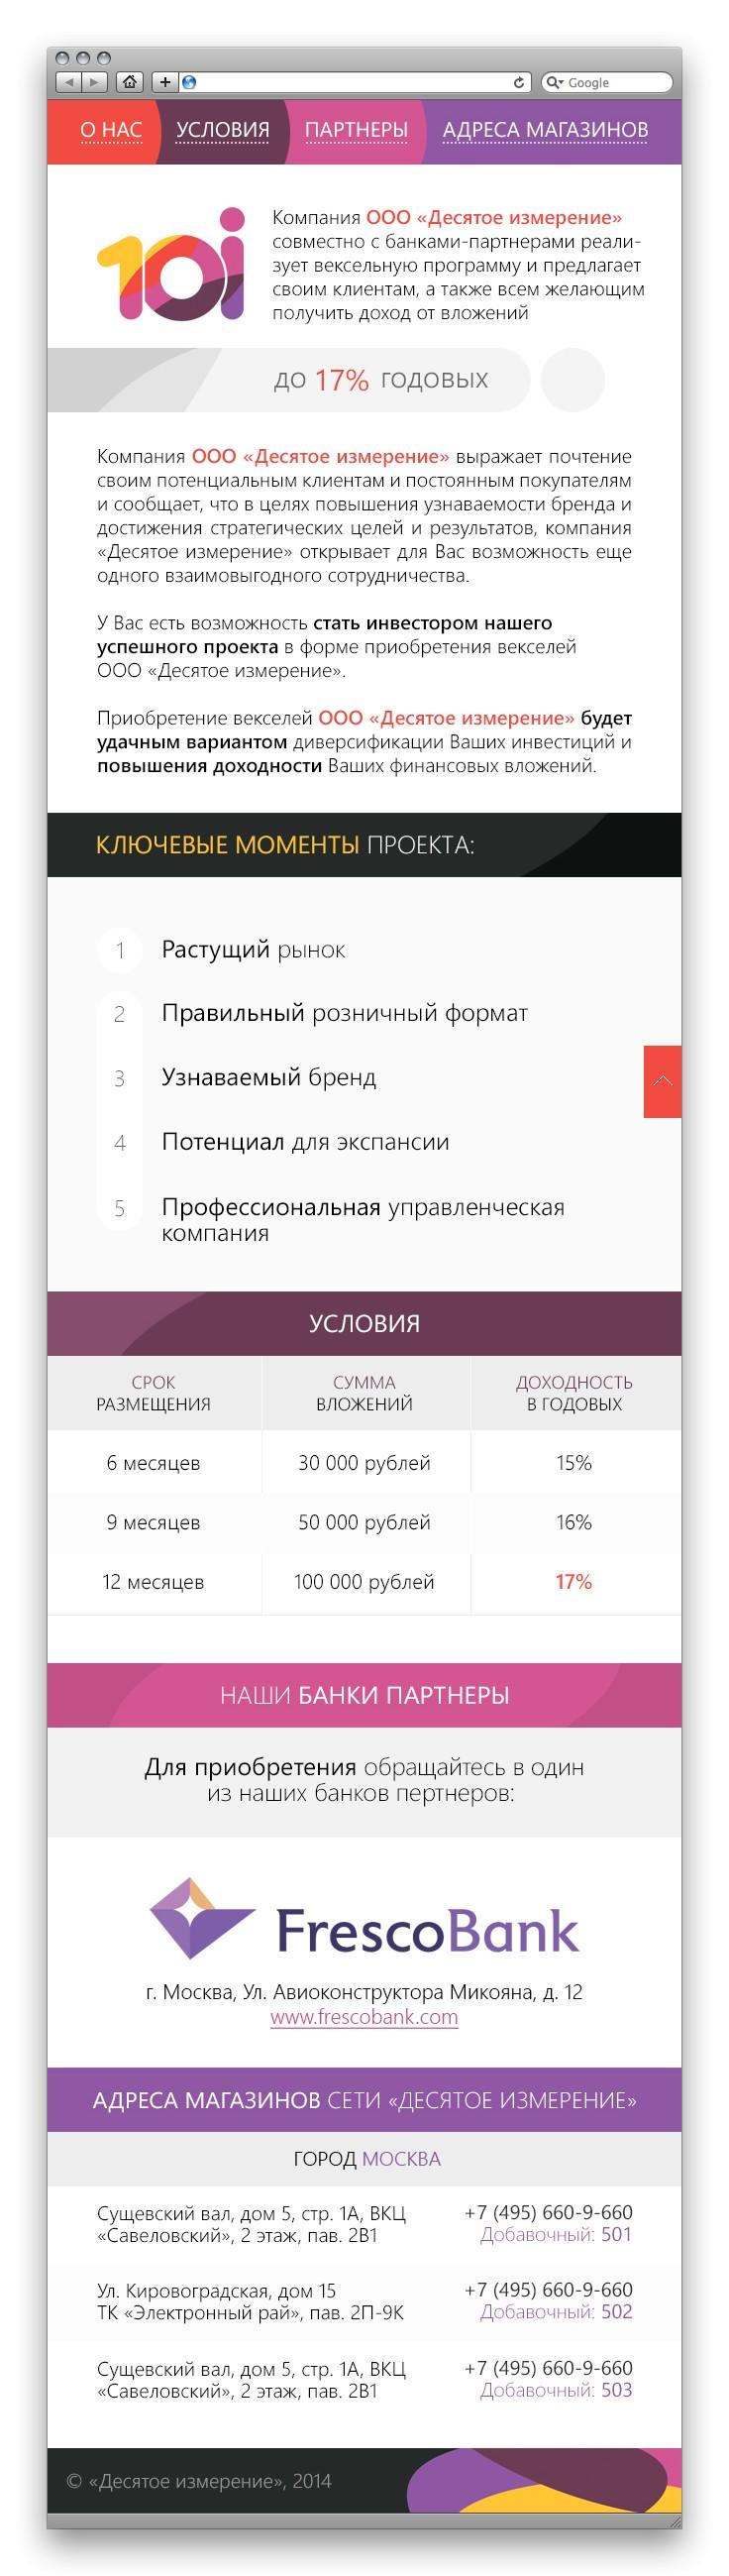 Дизайн посадочной страницы для мобильных устройств компании «Десятое измерение»